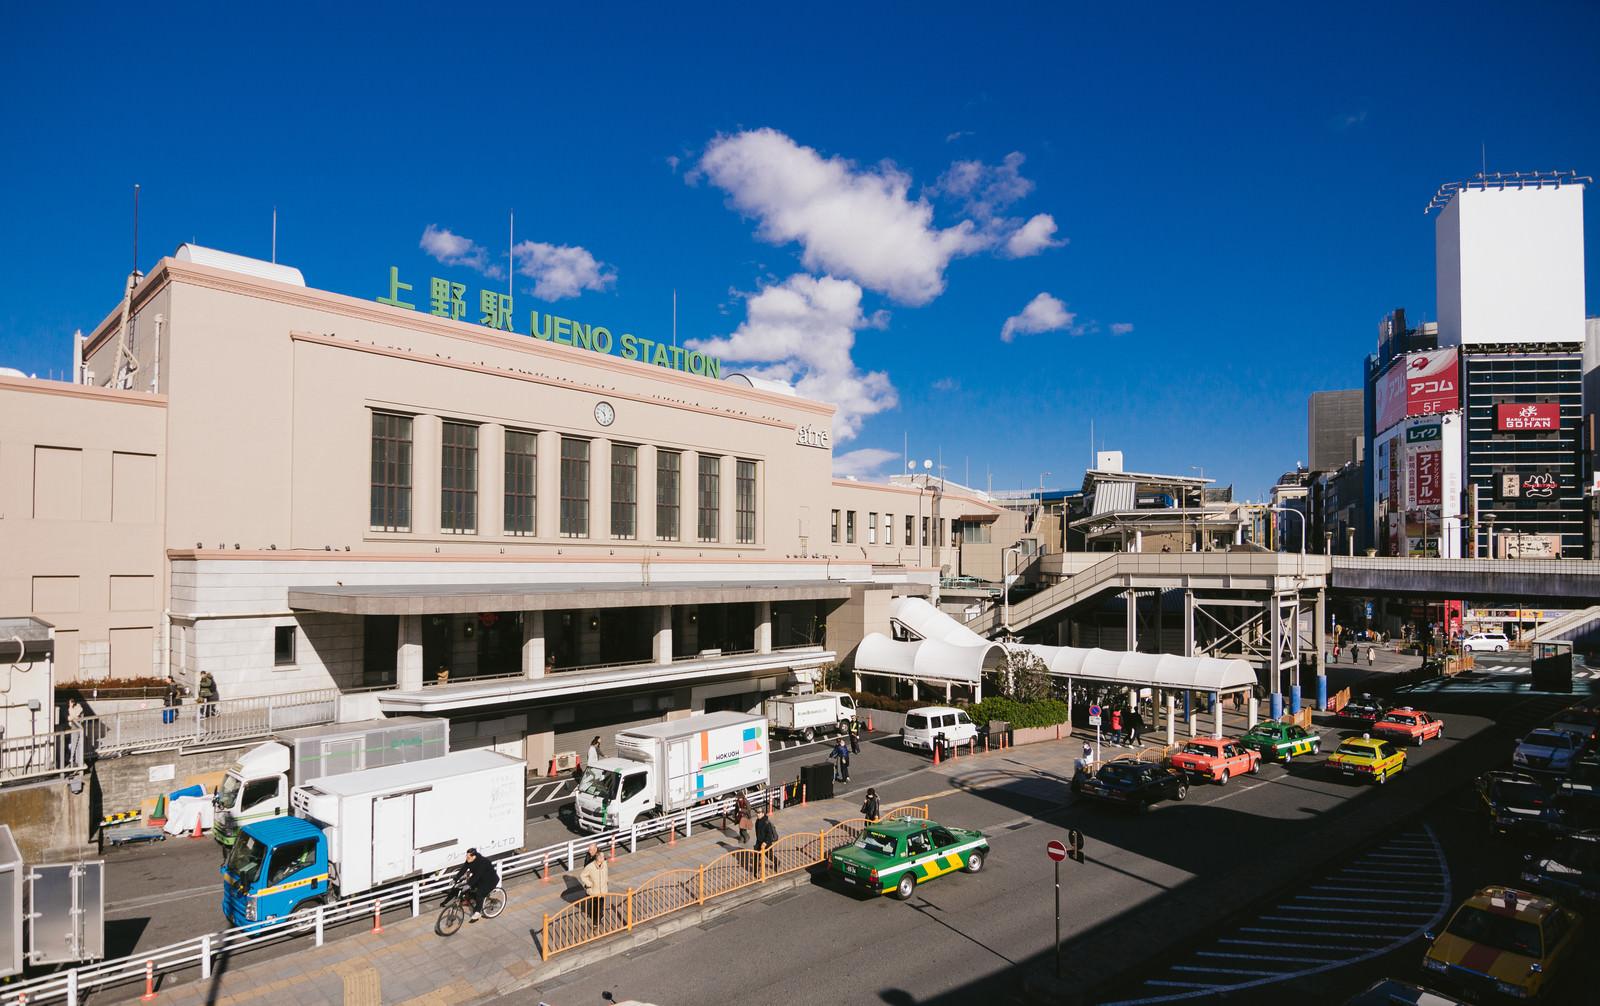 「上野駅前(中央出口)の様子上野駅前(中央出口)の様子」のフリー写真素材を拡大